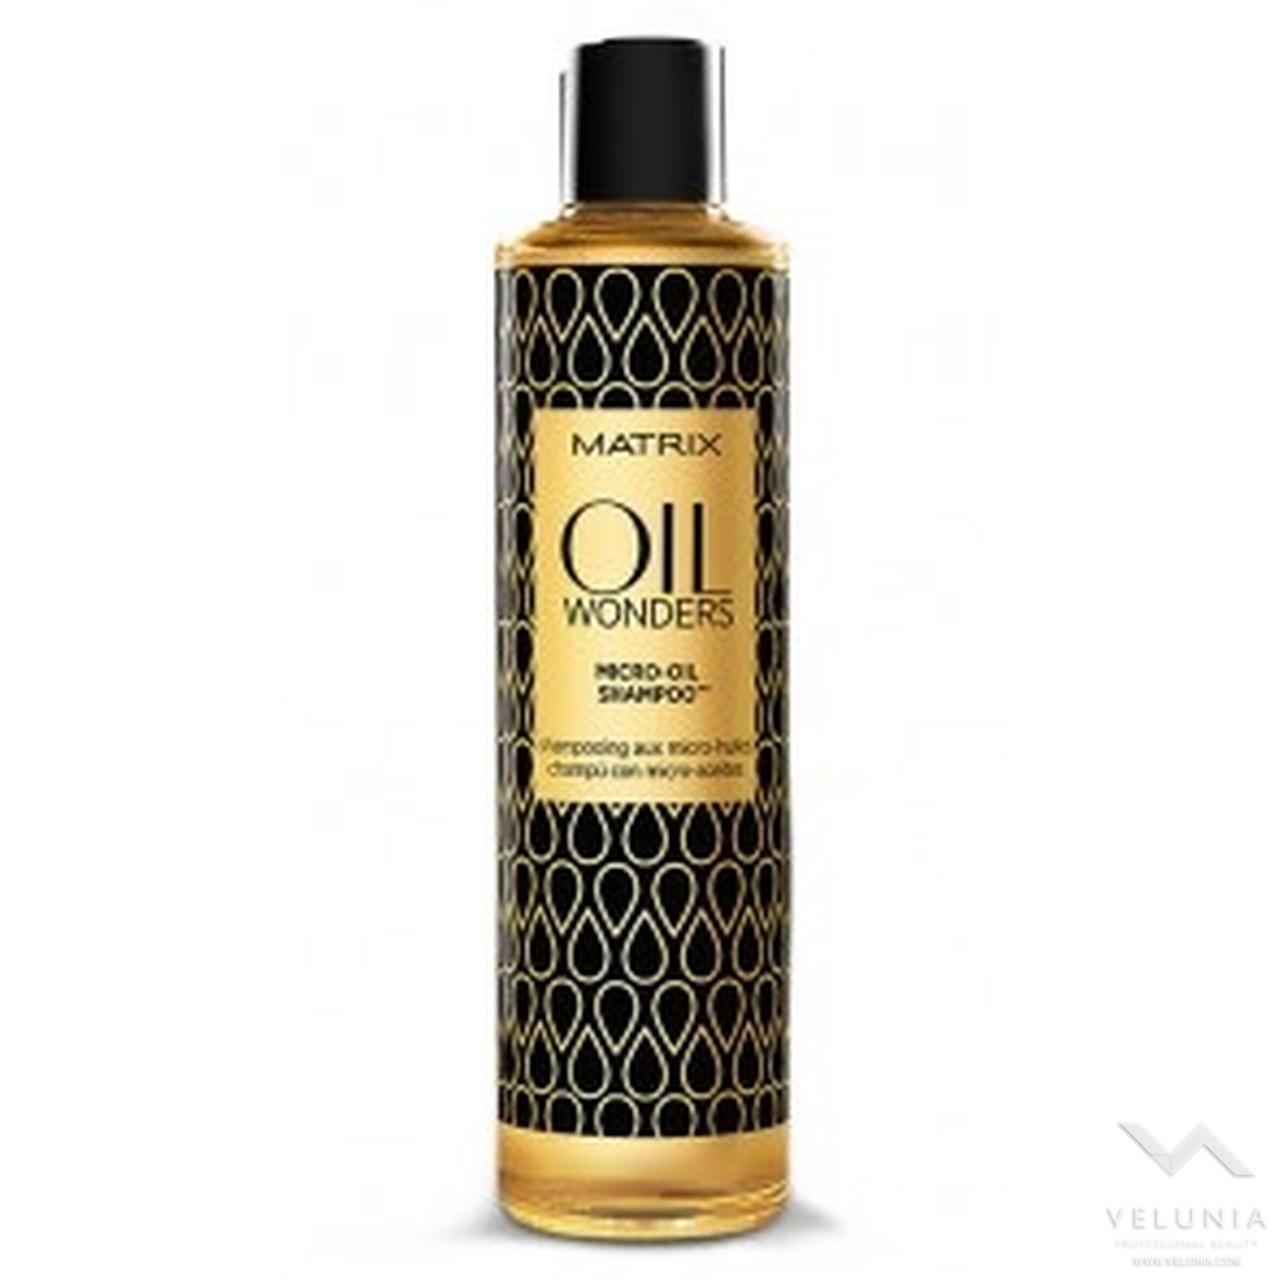 Matrix Oil Wonders Shampoo 300 ml 1